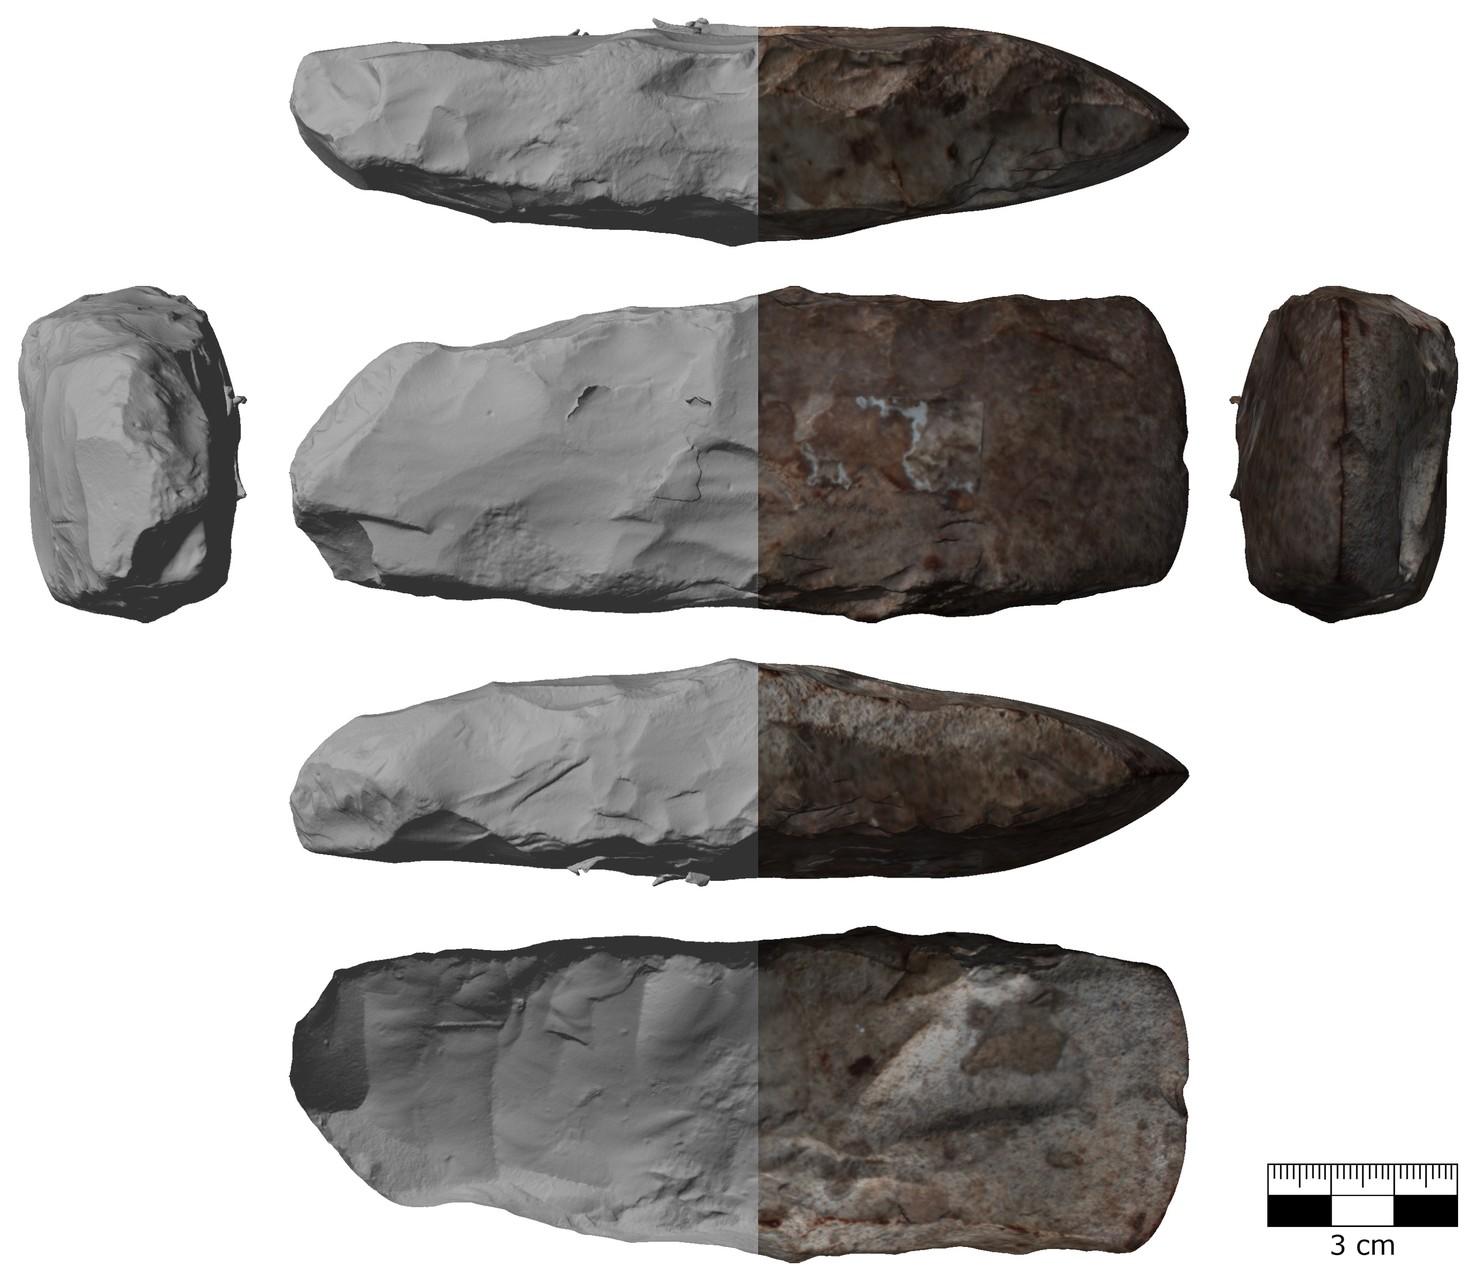 Prähistorische Steinaxt mit (rechts) und ohne (links) Textur